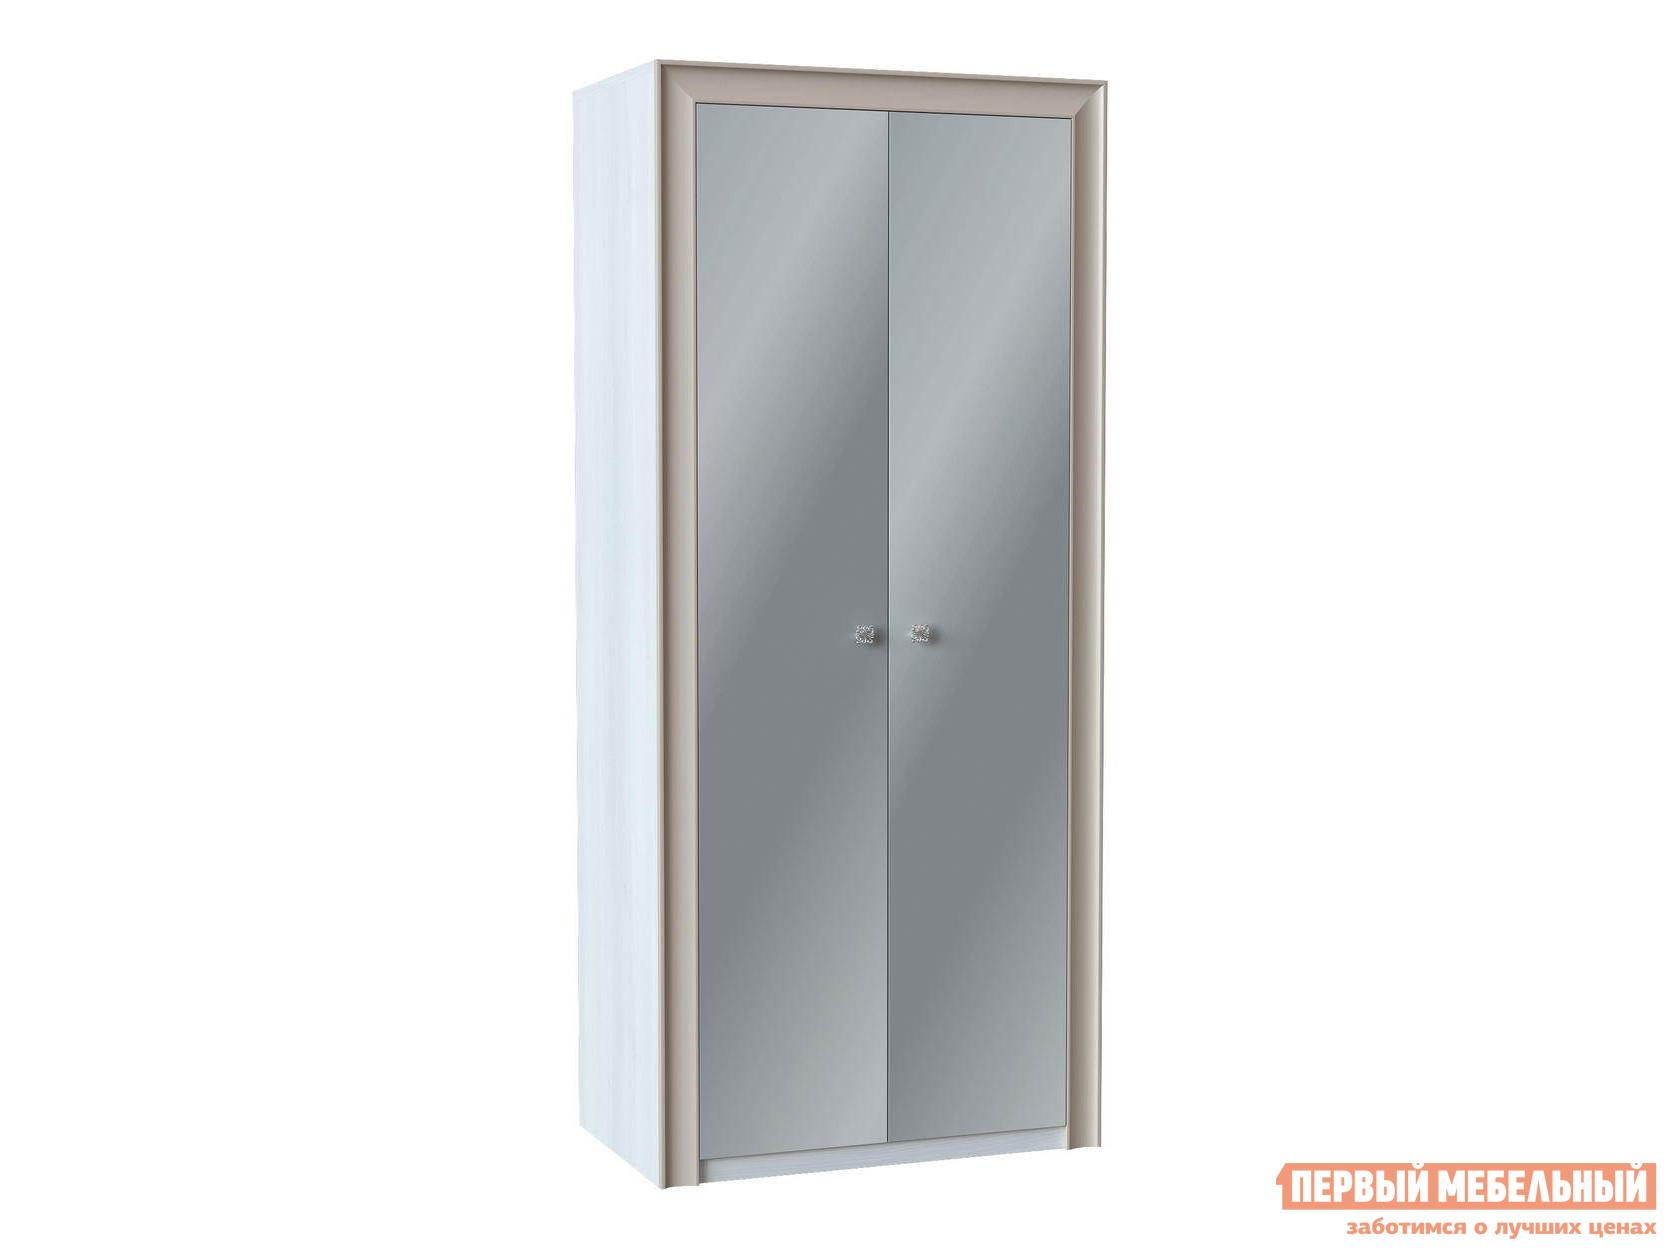 Шкаф распашной Первый Мебельный Прато Ш2 с зеркалами напольное зеркало первый мебельный прато вз